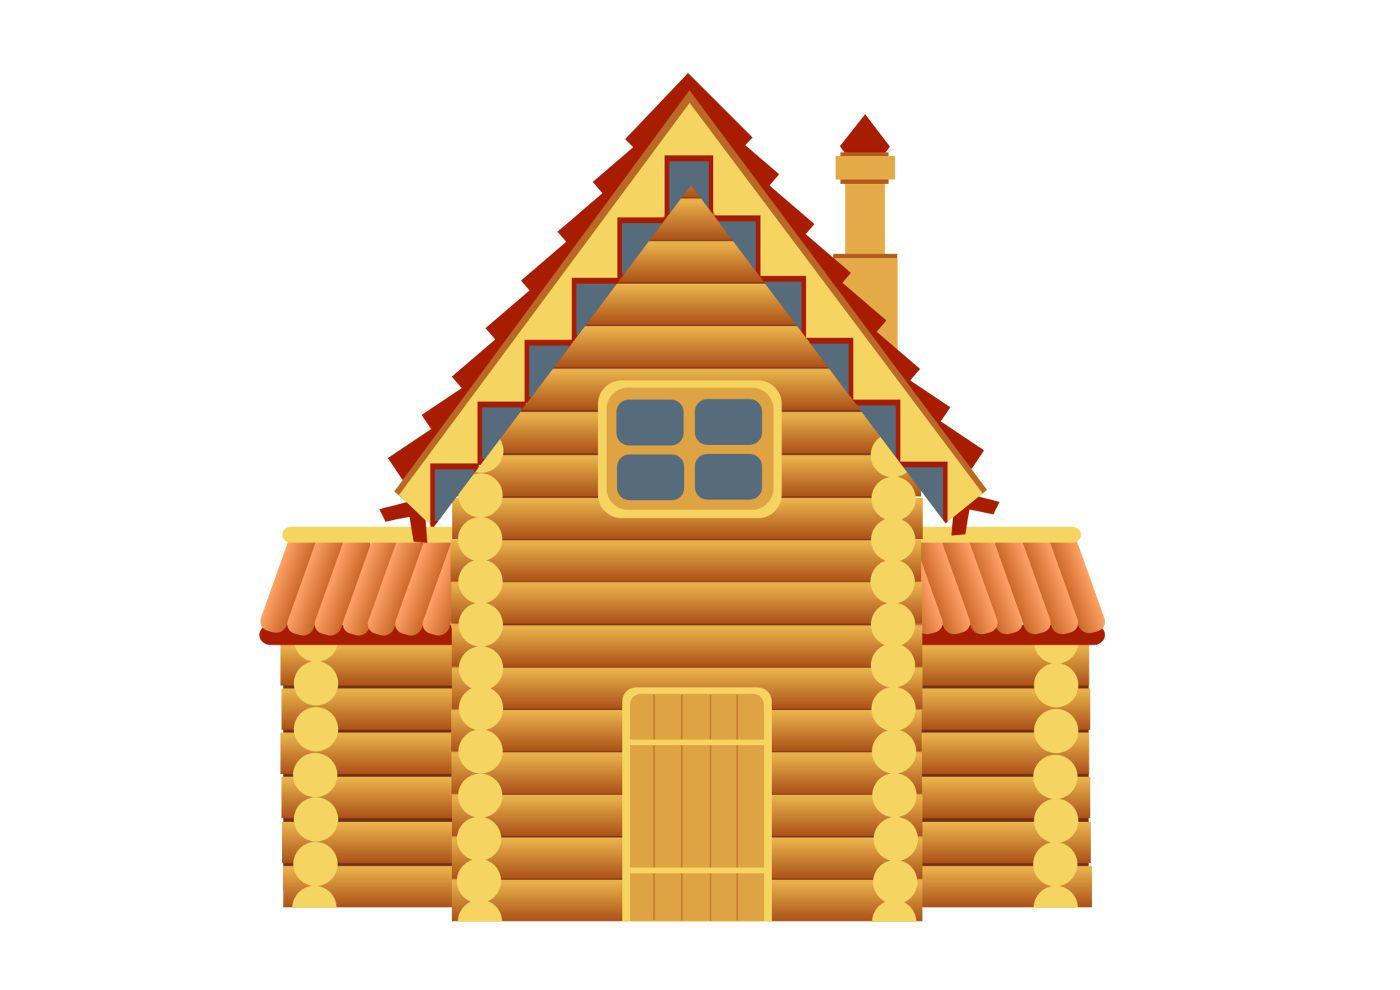 картинки деревянный дом на прозрачном фоне абсолютно безопасен, при